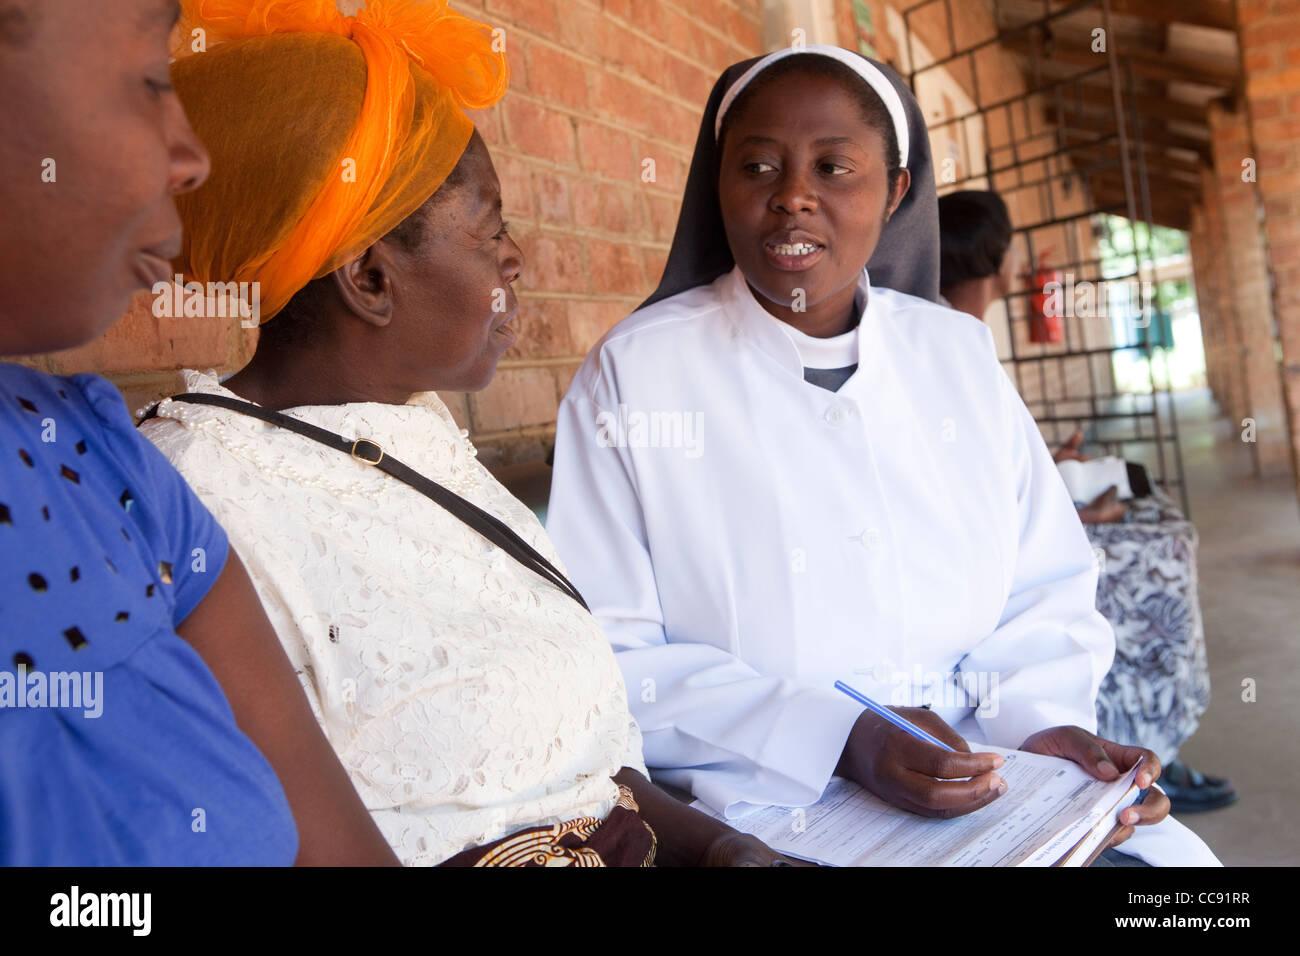 Ein medizinisches Fachpersonal berät sich mit Patienten in einem katholischen Krankenhaus in Ibenga, Sambia, Südafrika. Stockfoto